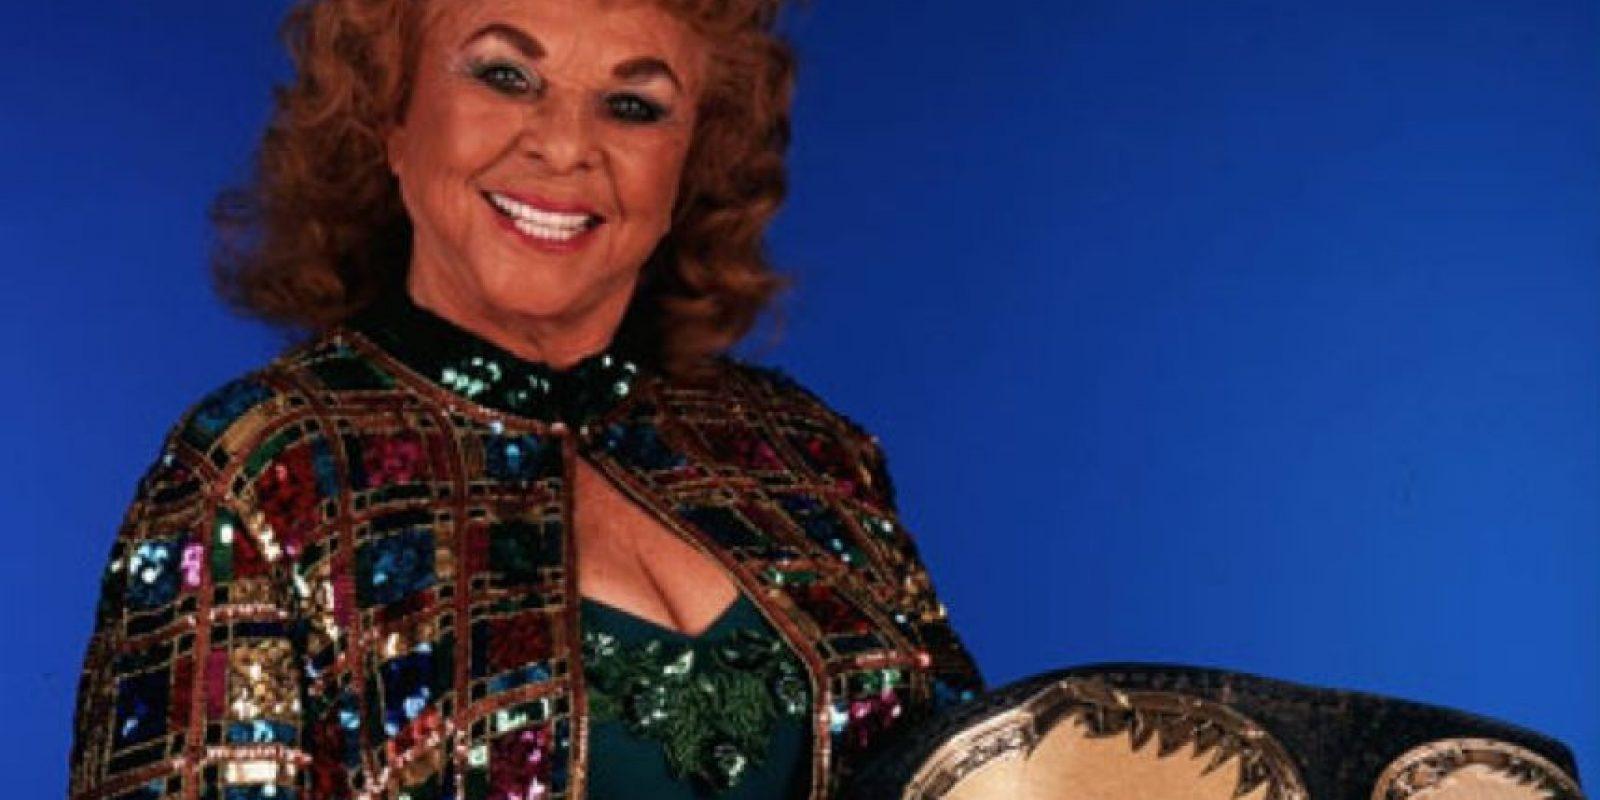 Fue inducida en 1995 y falleció en 2007 a los 84 años Foto:WWE